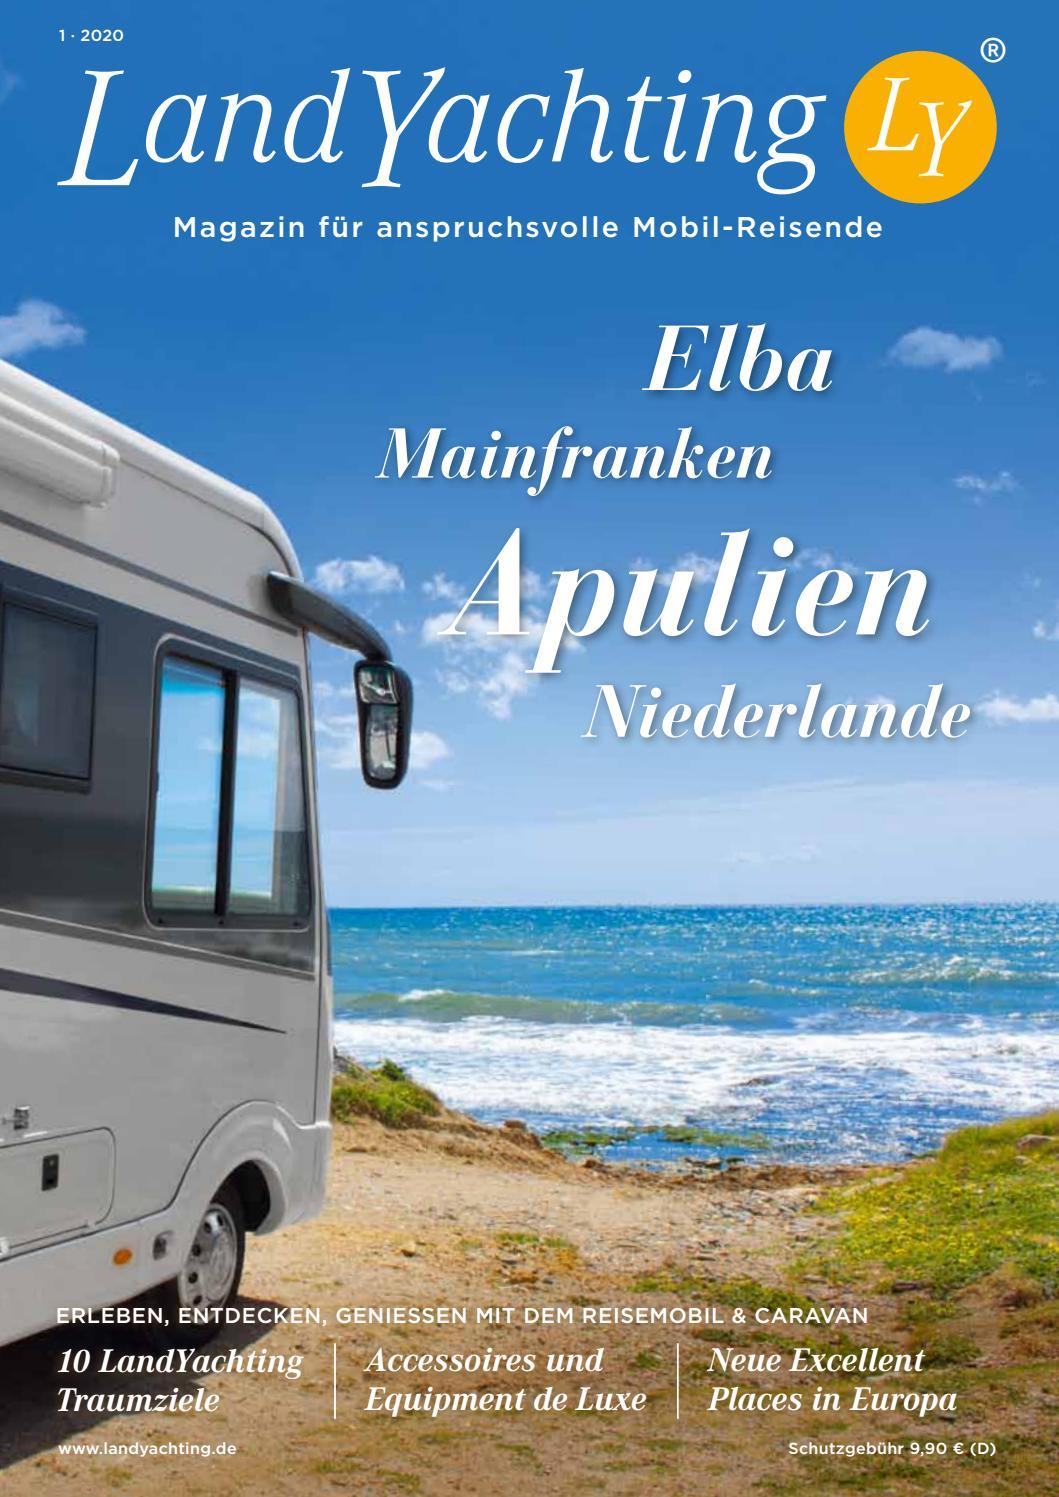 LandYachting Magazin 10/10 Die schönsten Reiseziele für Caravan